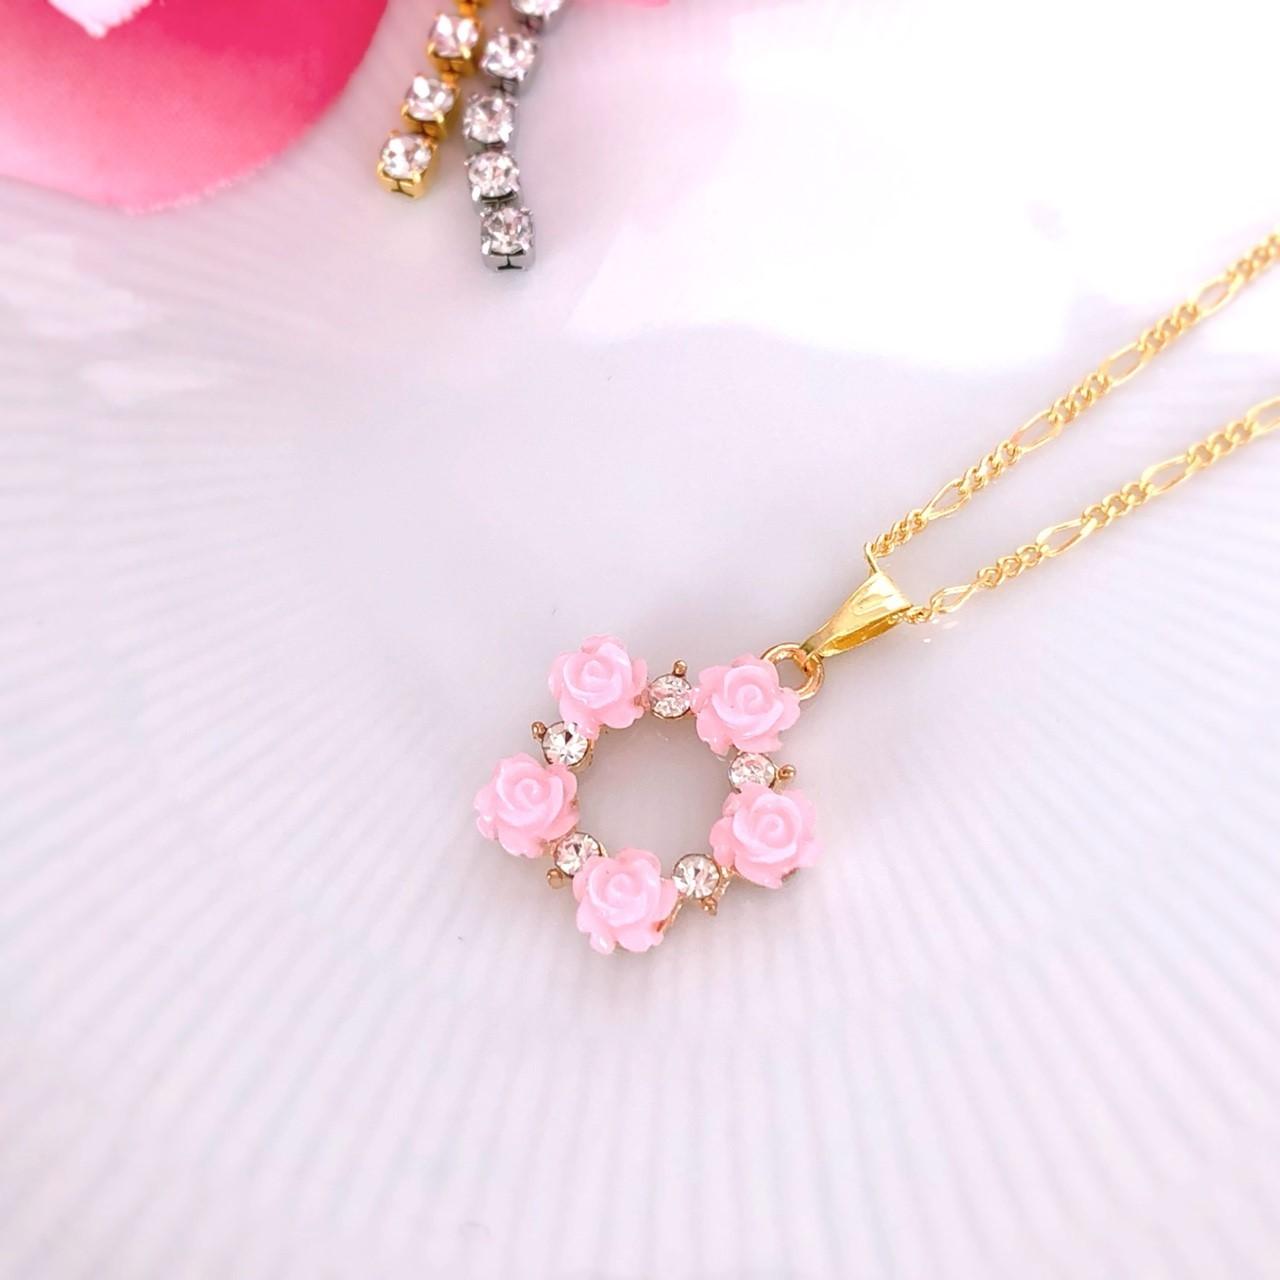 【aoi】バラのラウンドネックレス(ピンク)p1301001